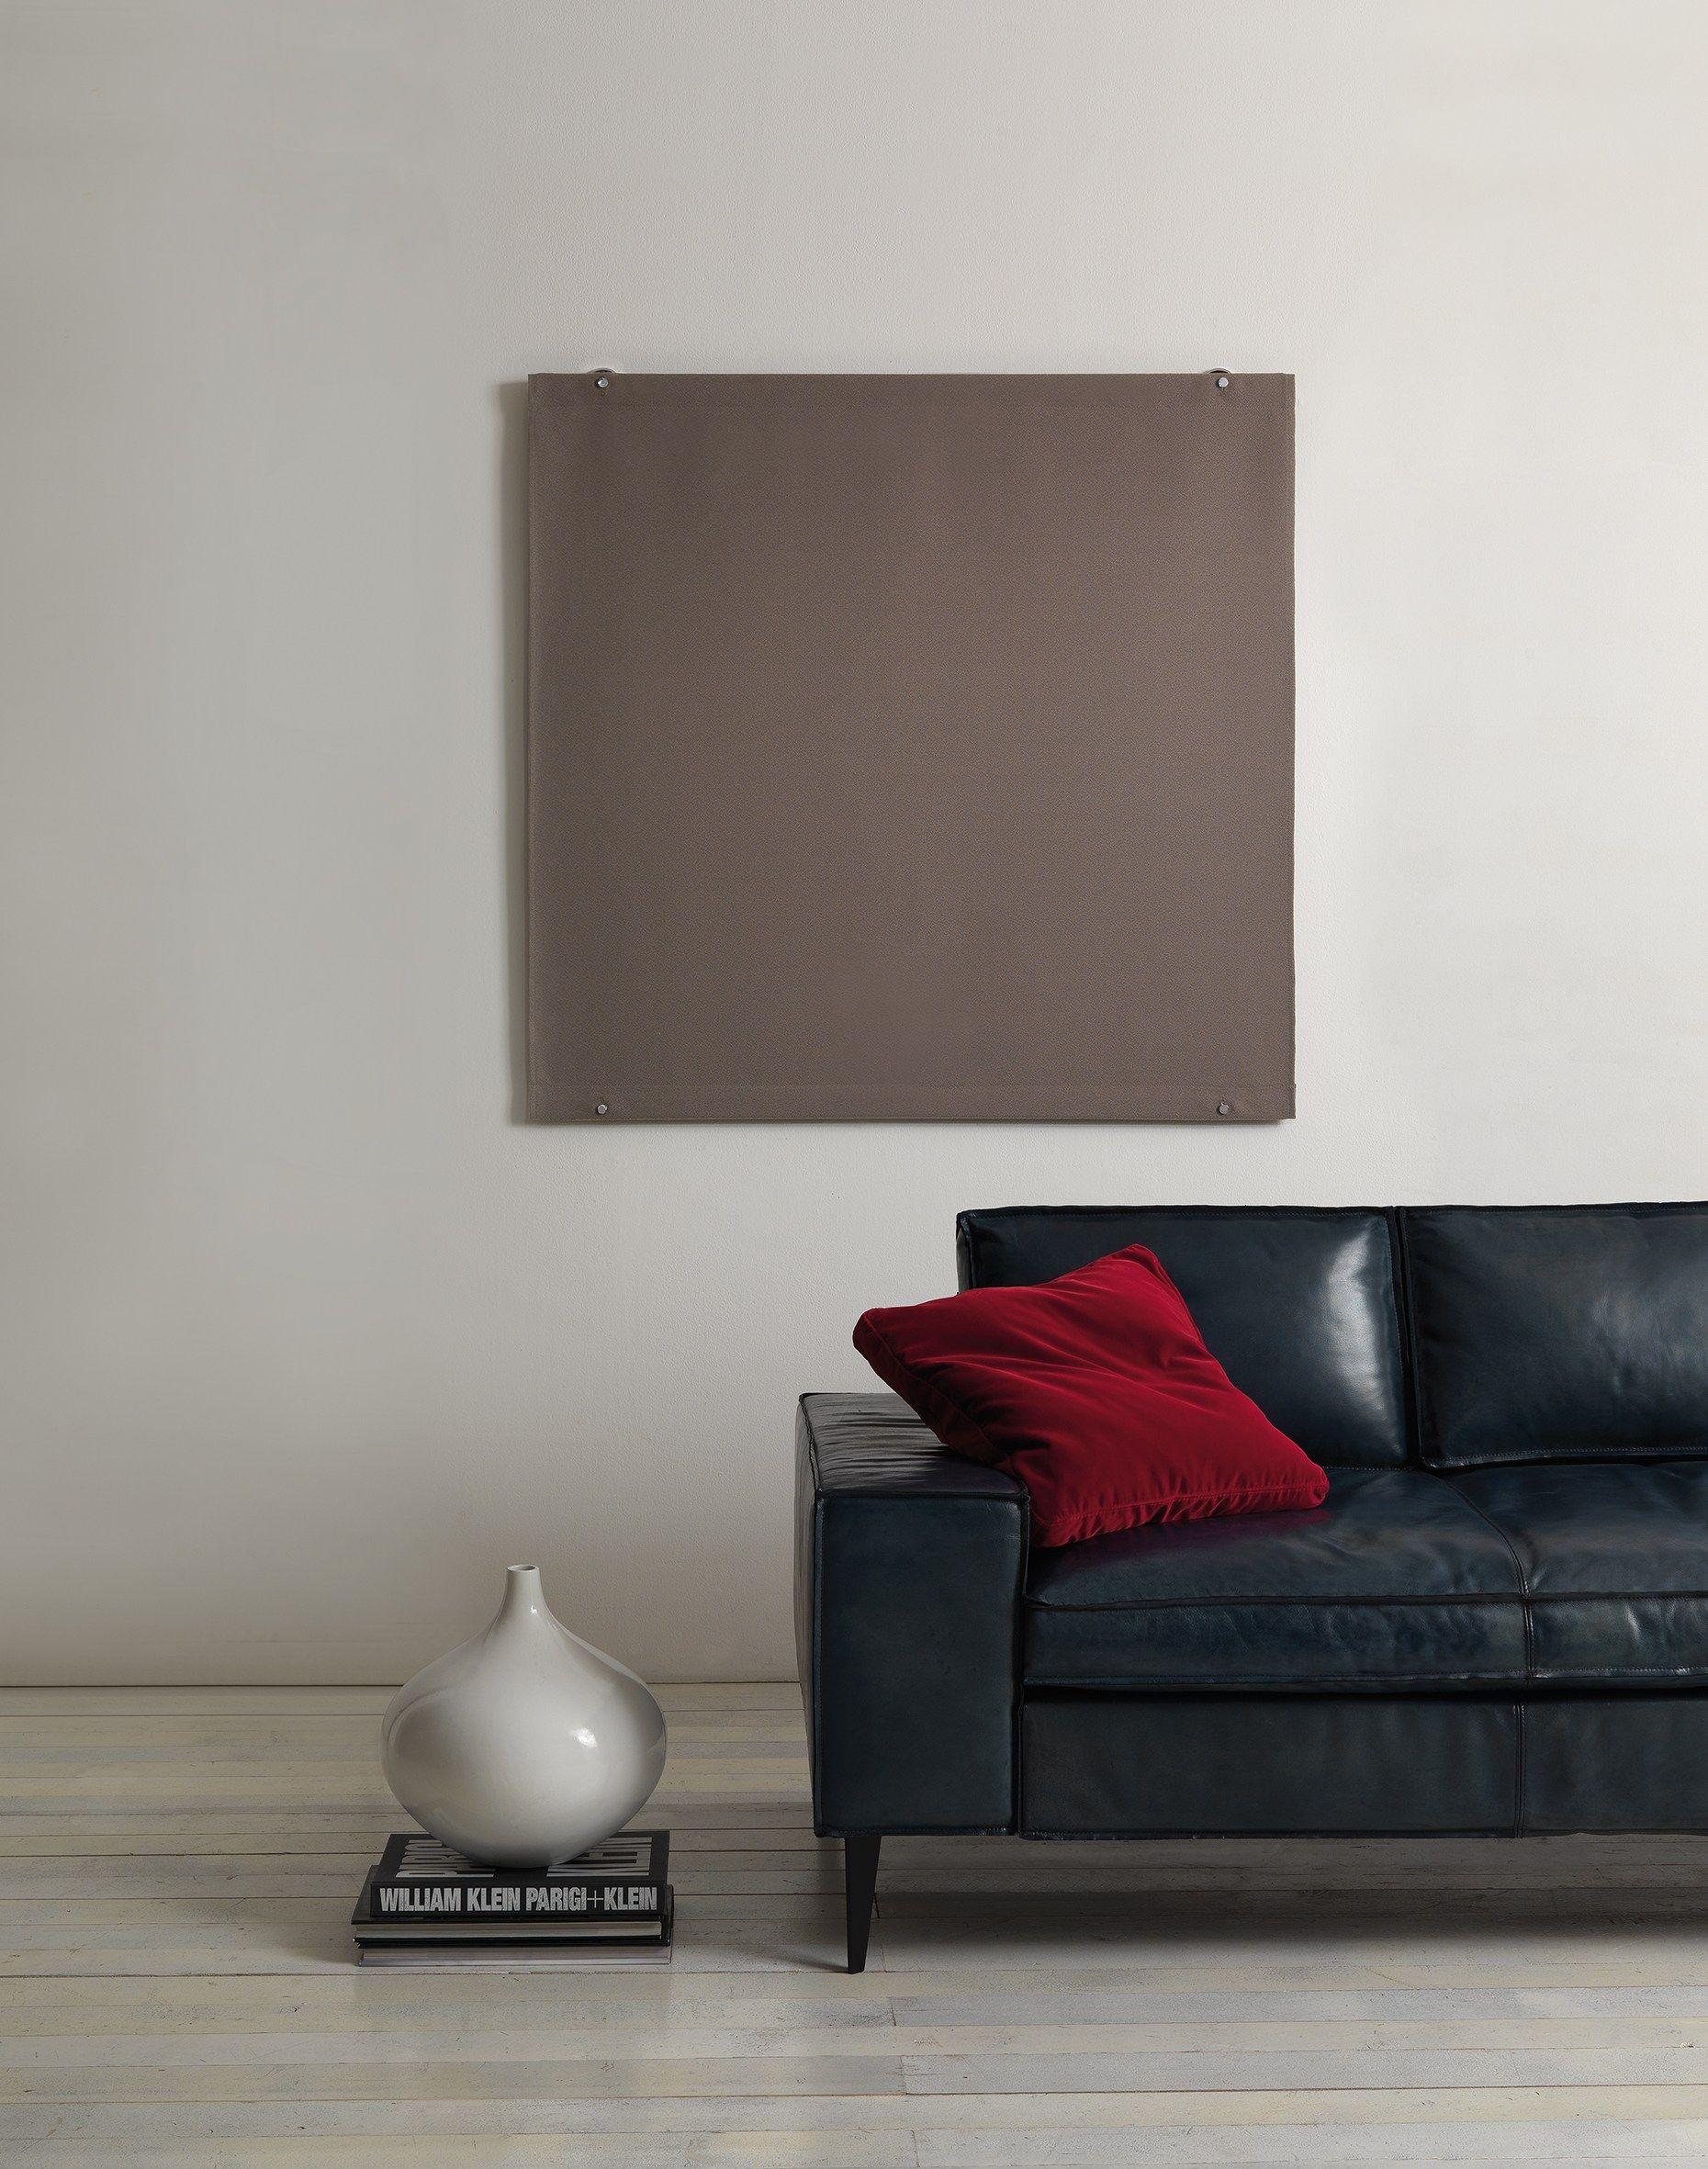 panneaux acoustiques d coratifs en tissu palio by caimi brevetti design sezgin aksu. Black Bedroom Furniture Sets. Home Design Ideas